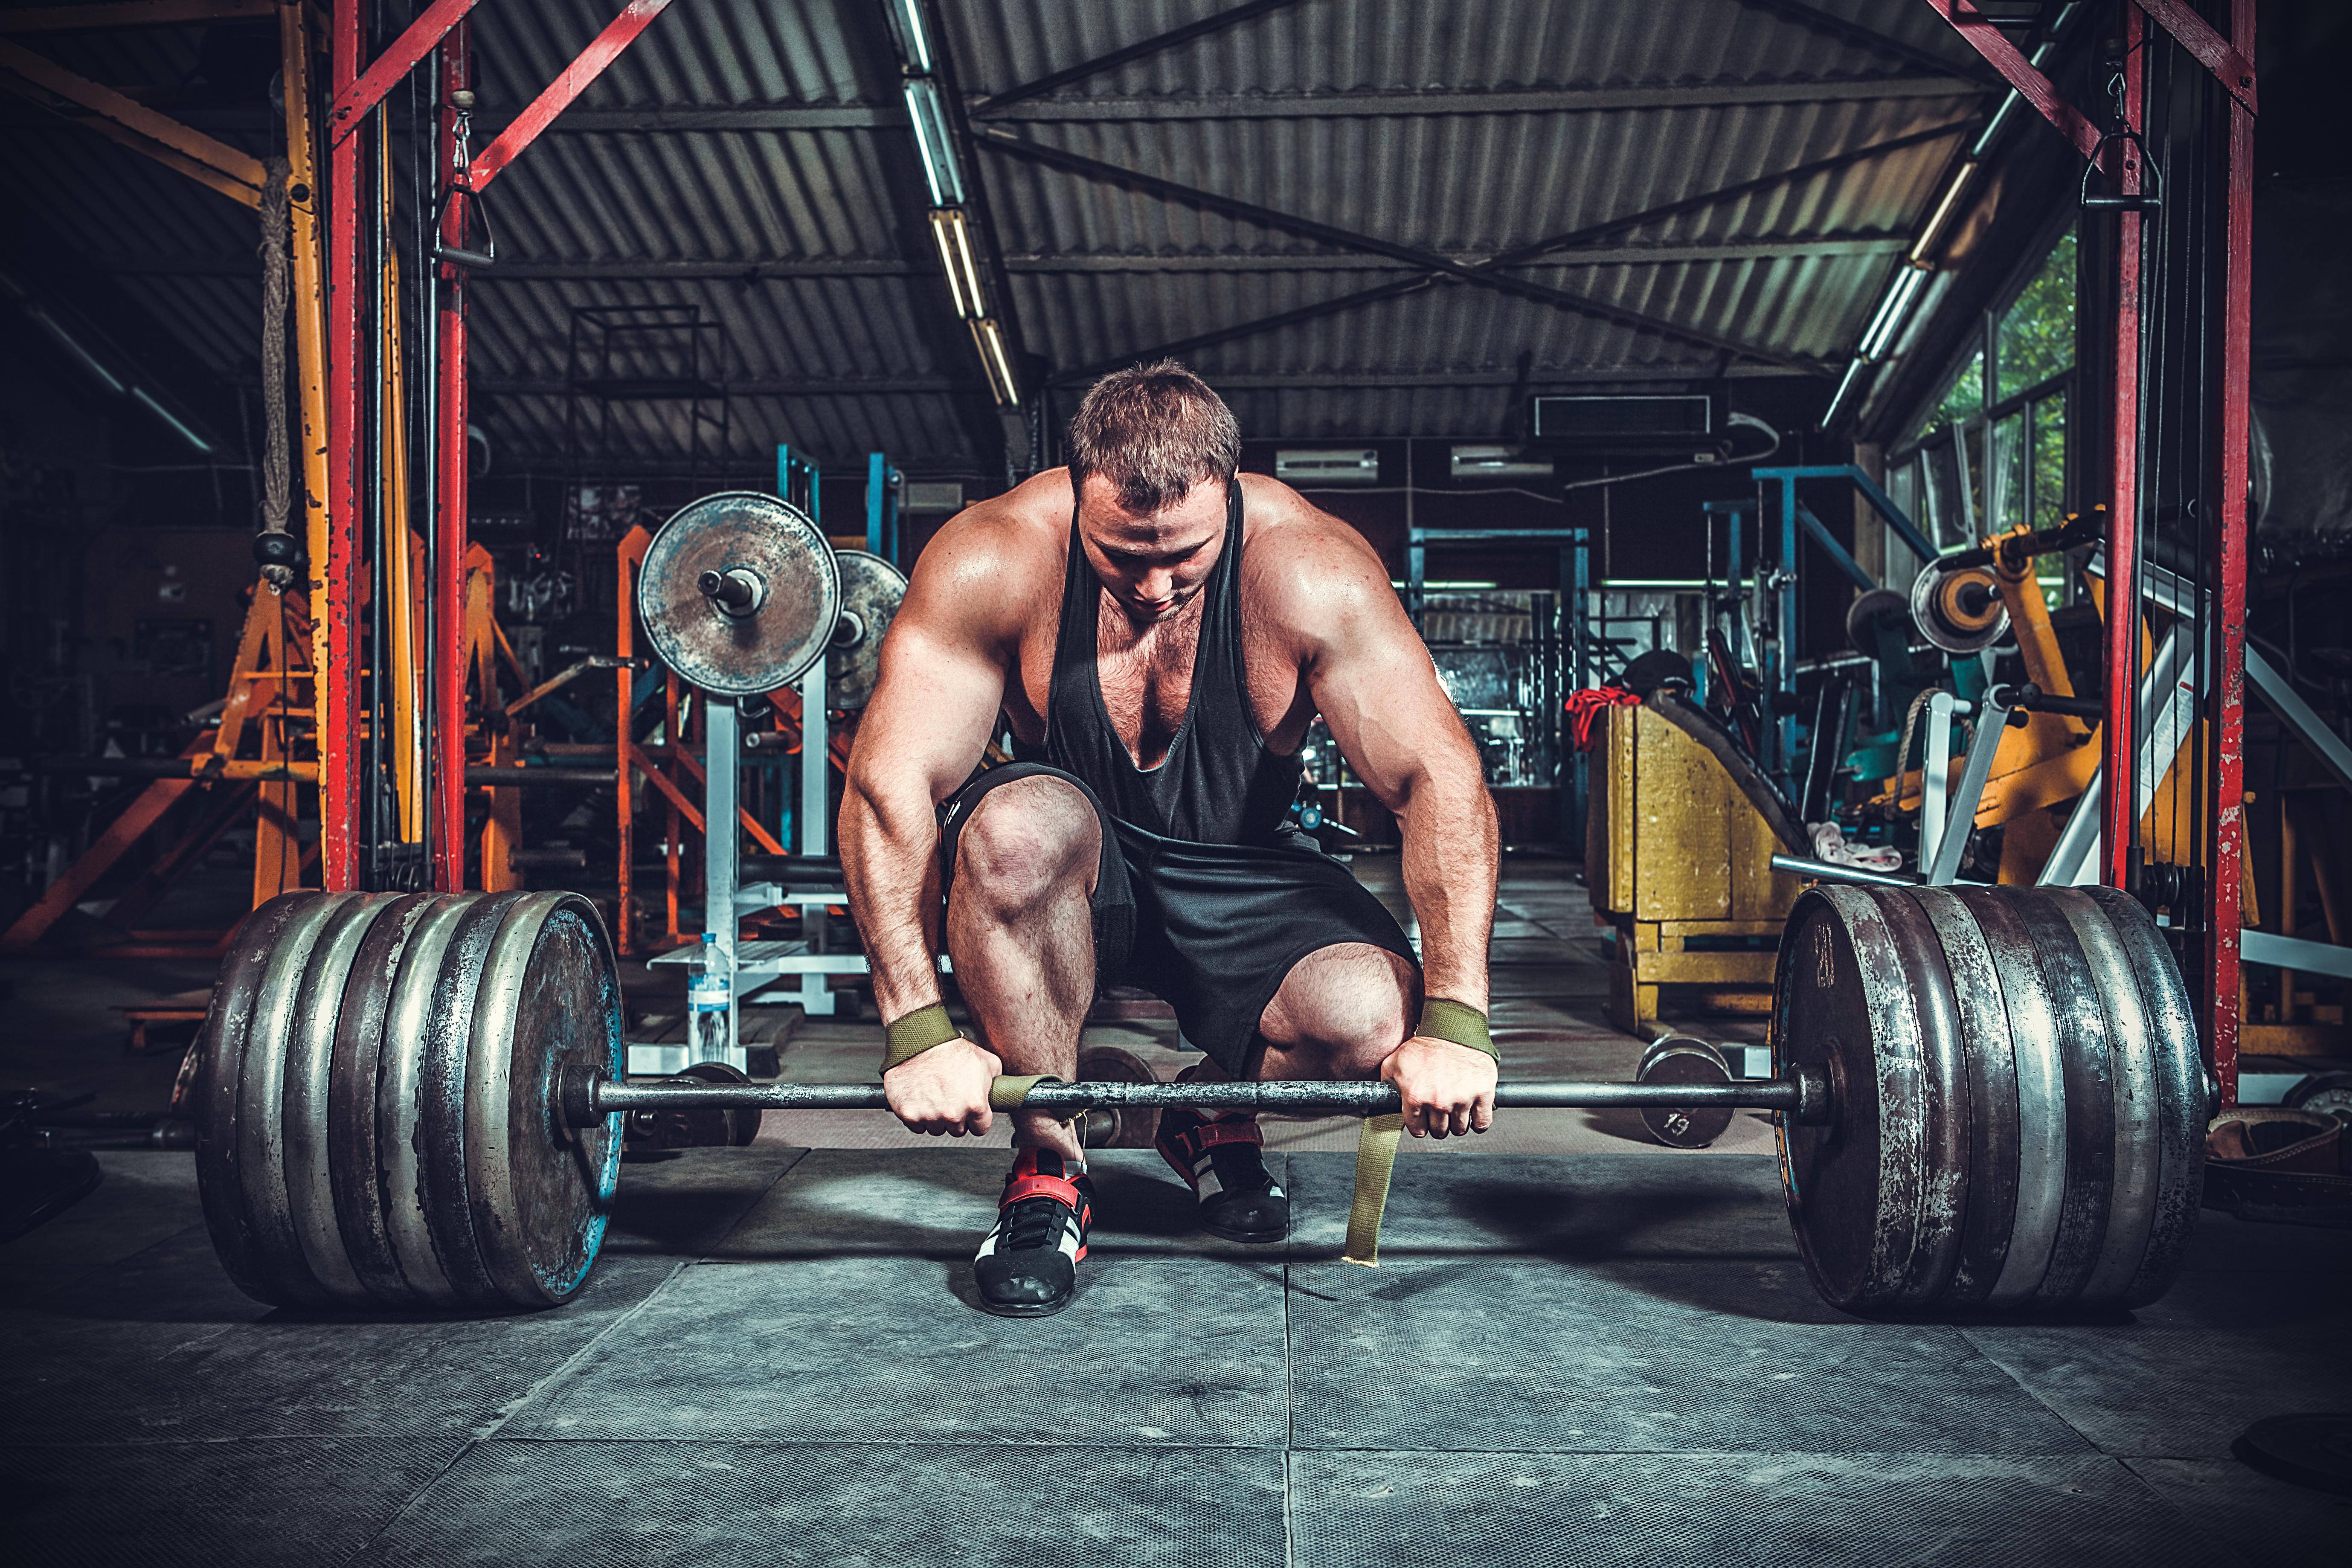 Картинка: Штанга, штангист, тяжесть, мужчина, сила, снаряд, тяжелая атлетика, спортзал, тренажеры